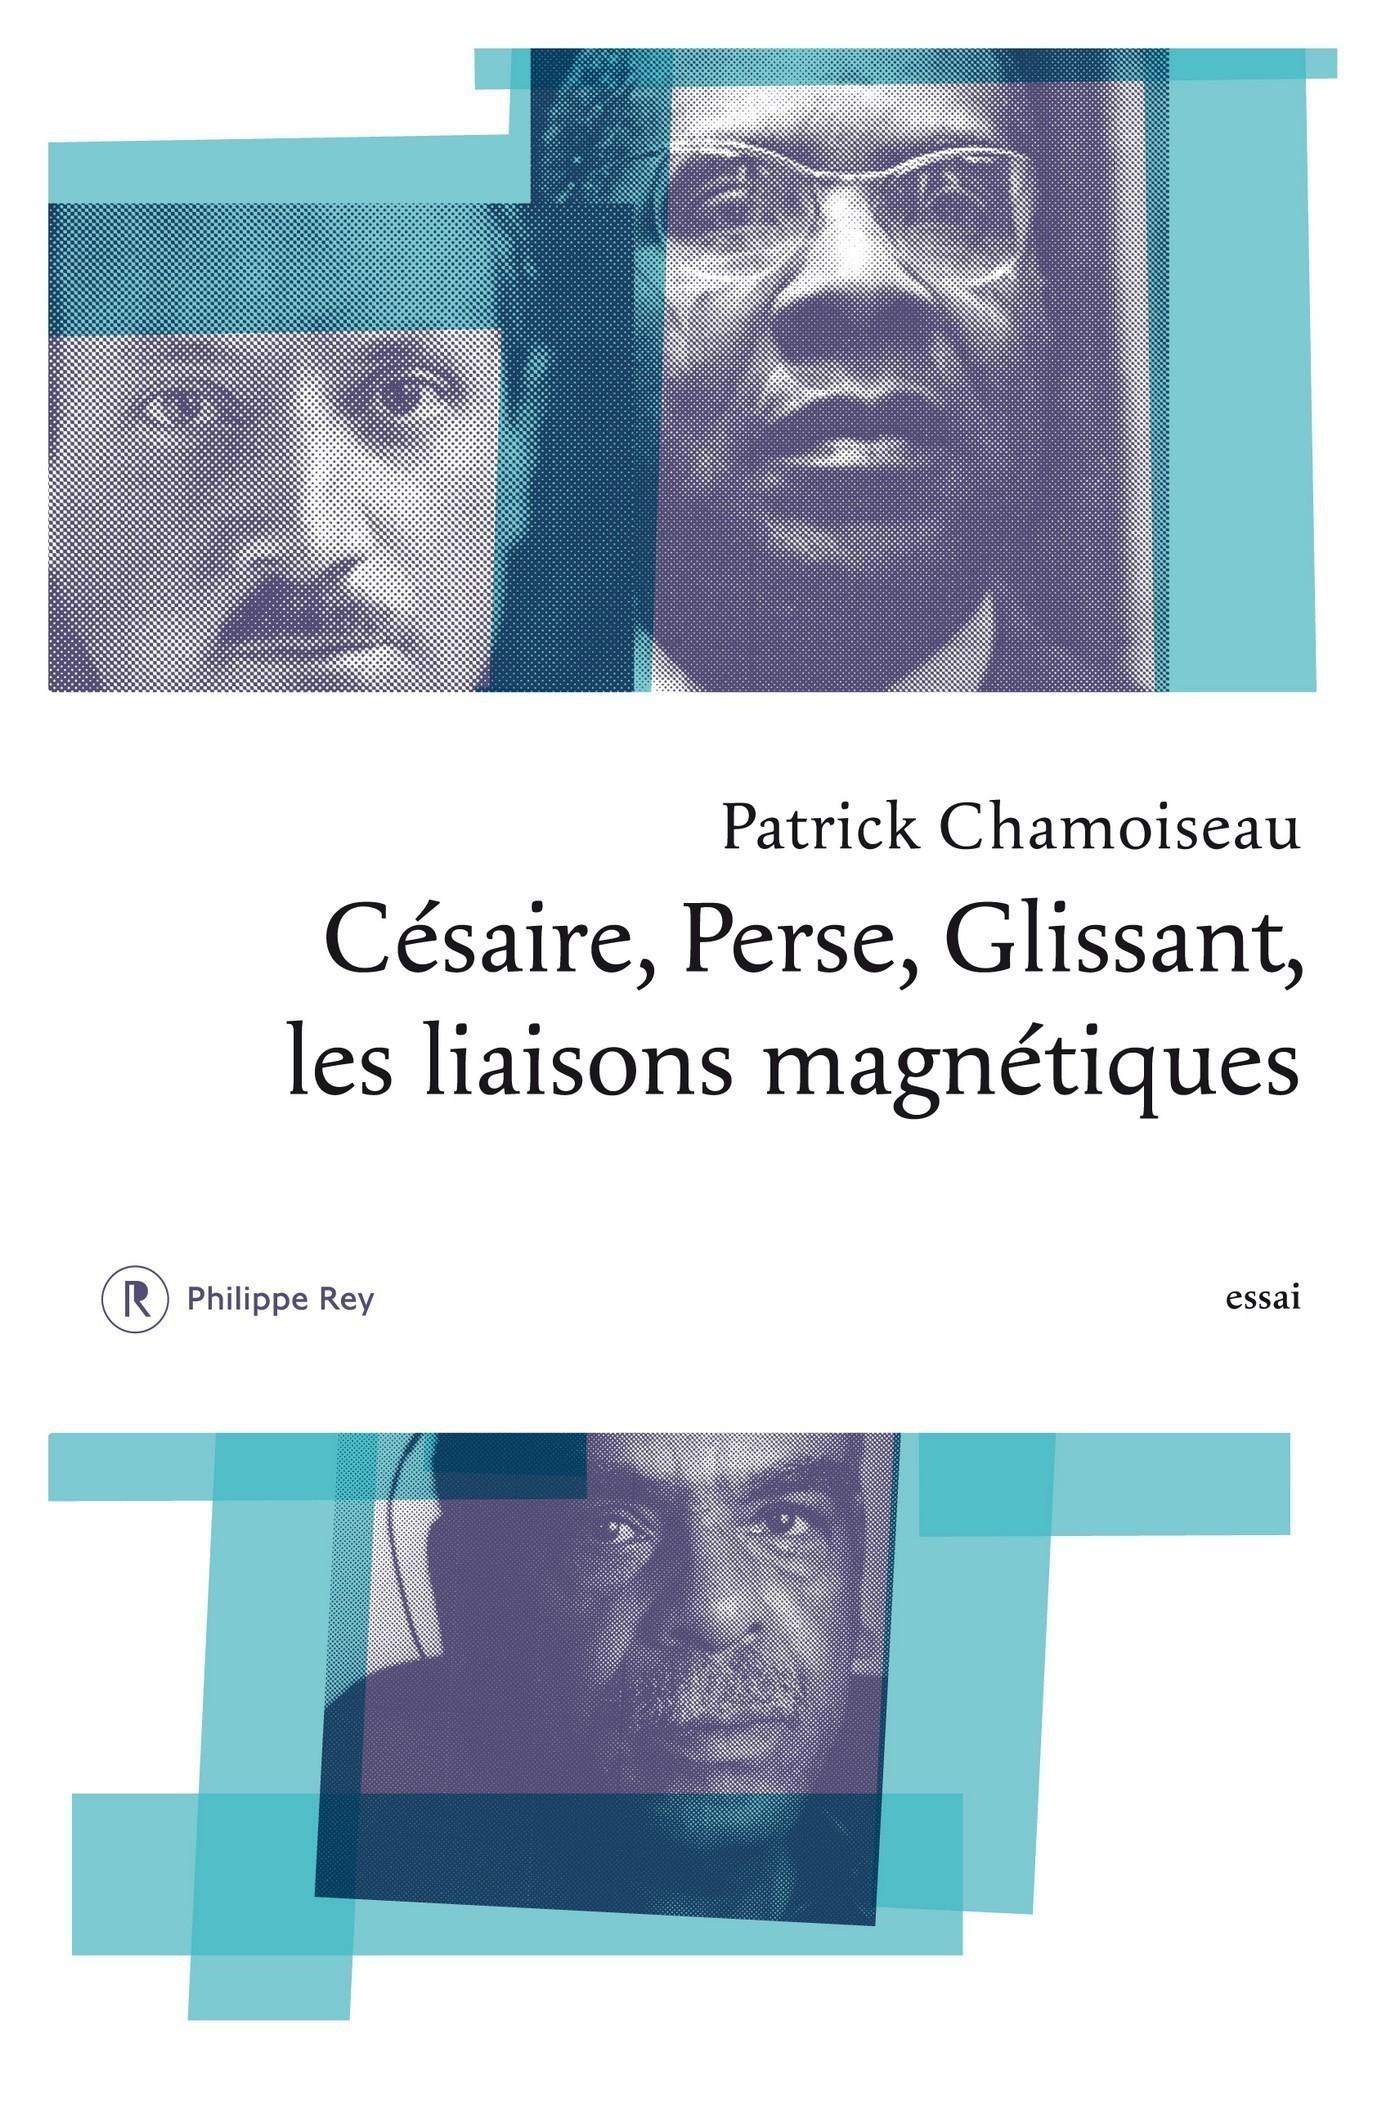 Césaire, Perse, Glissant - Les liaisons magnétiques